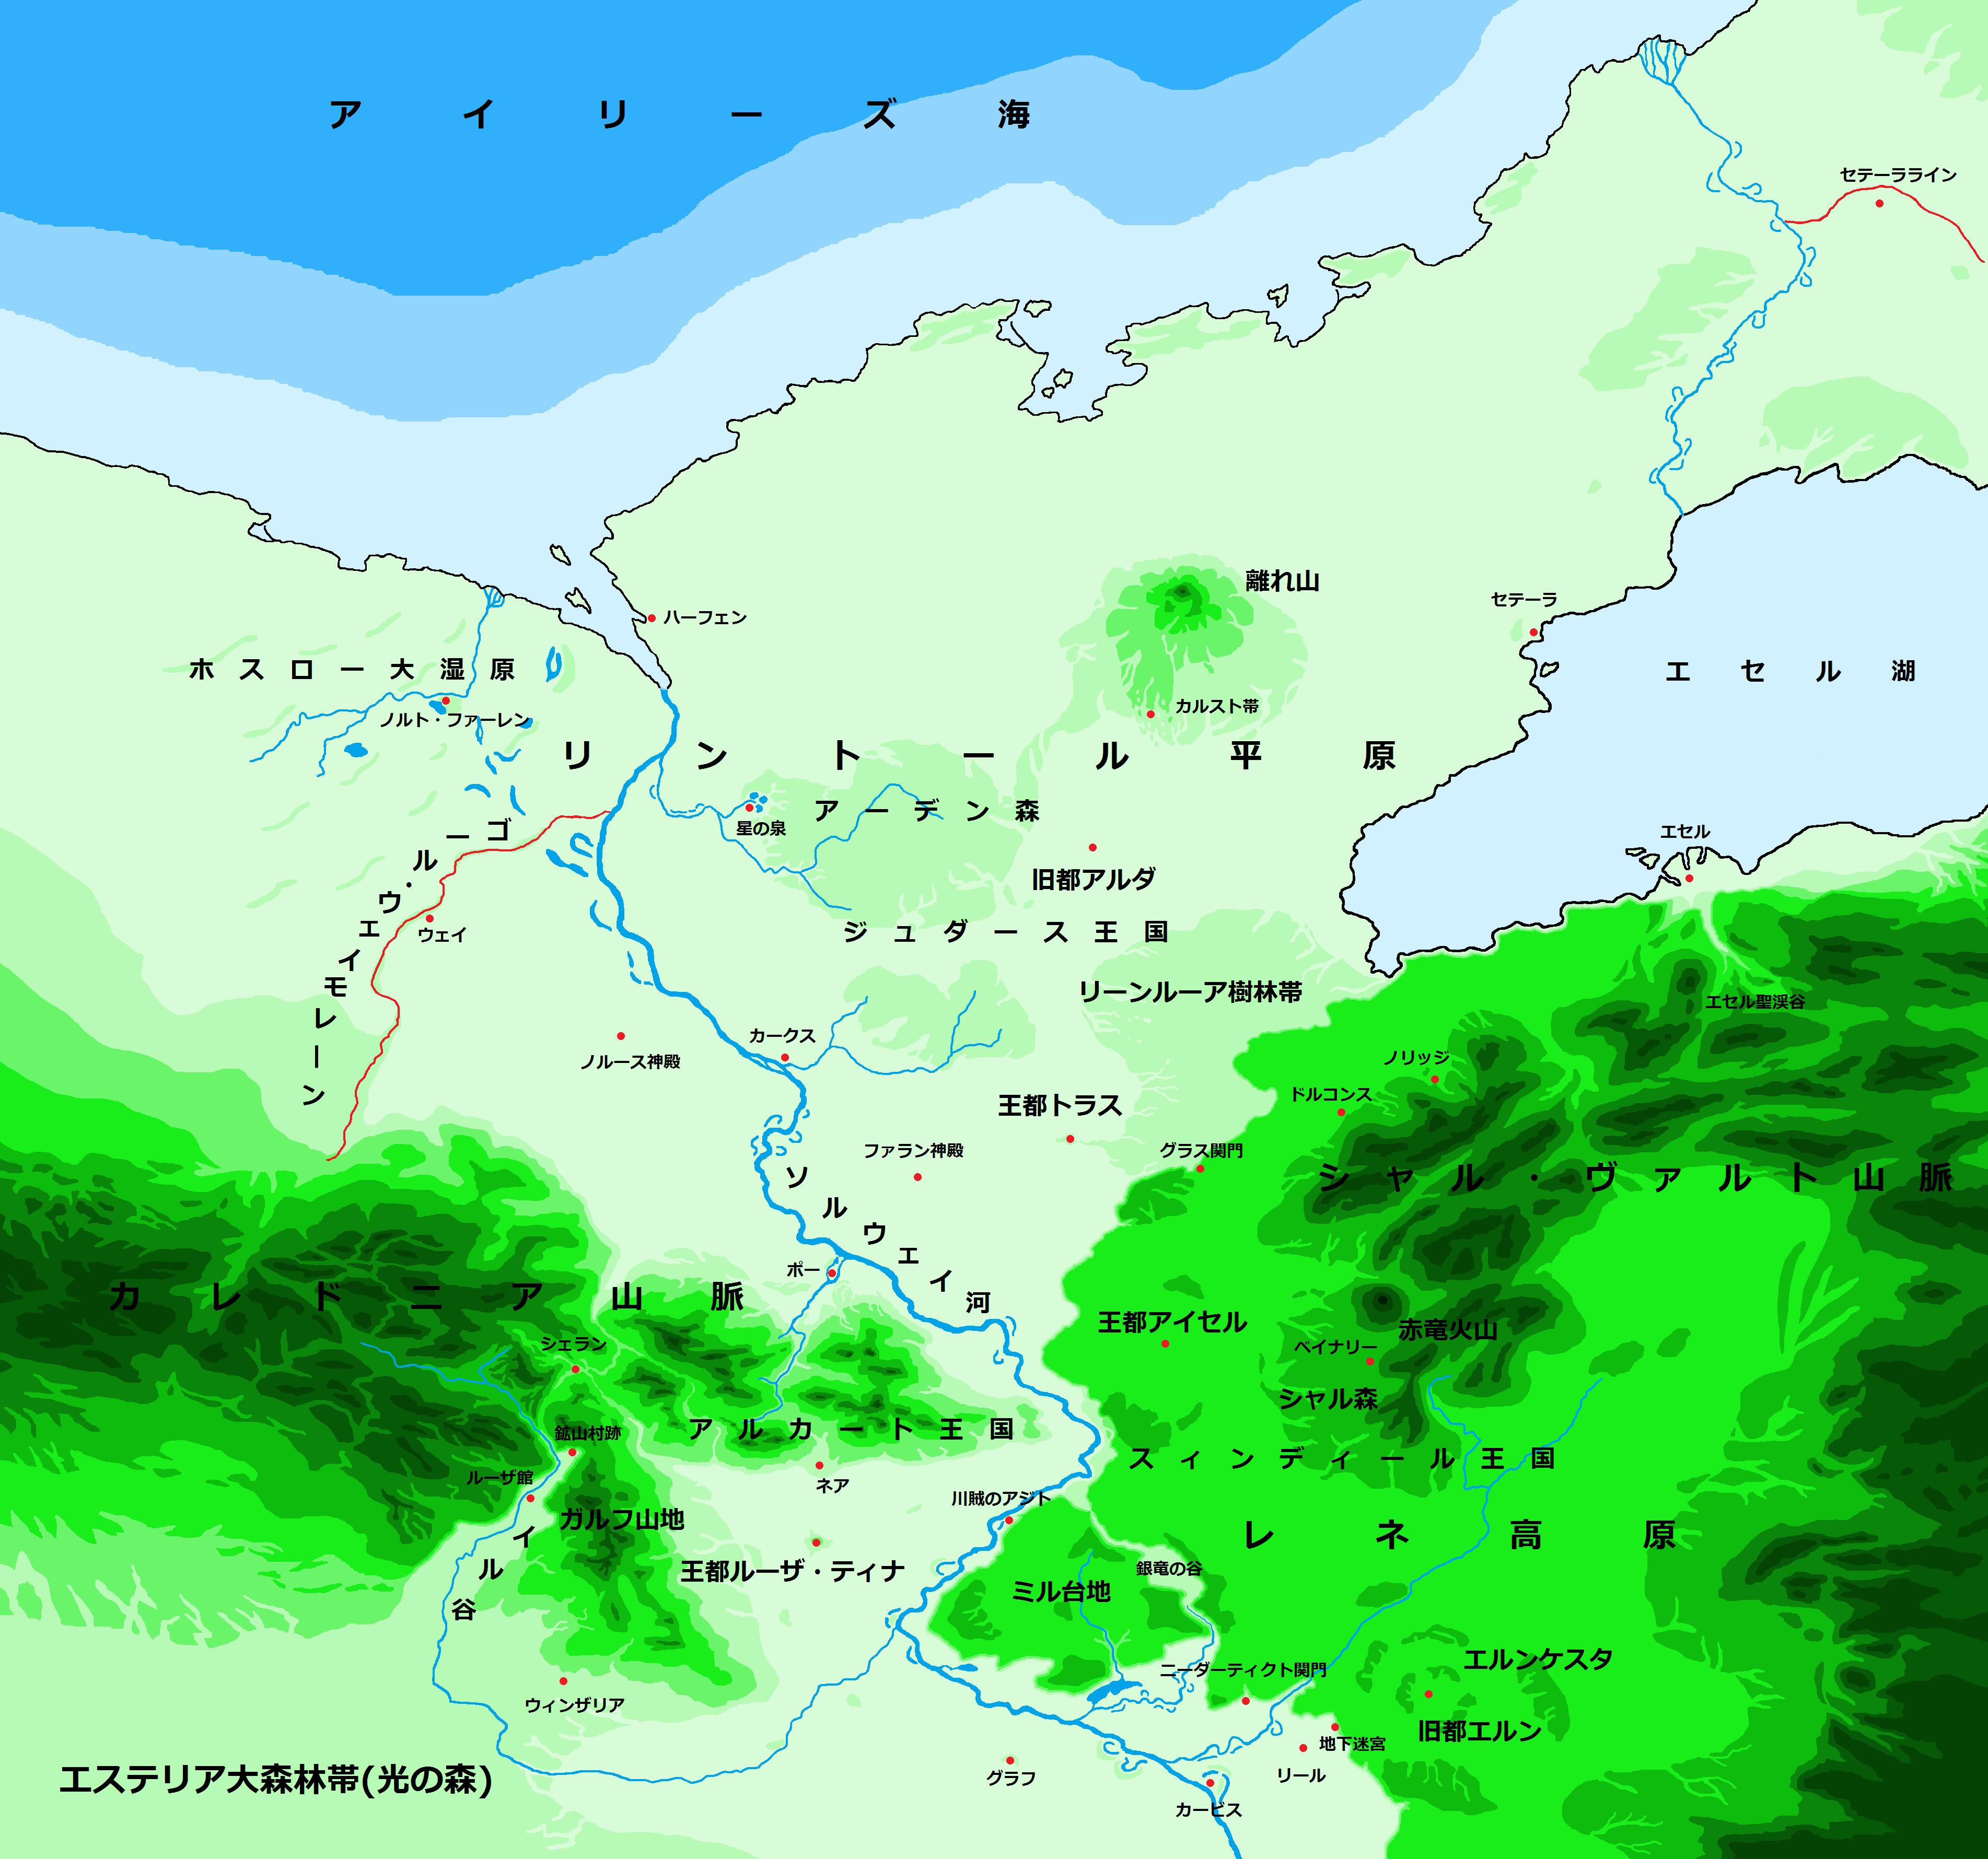 シャノン・アルスター地方 正地図